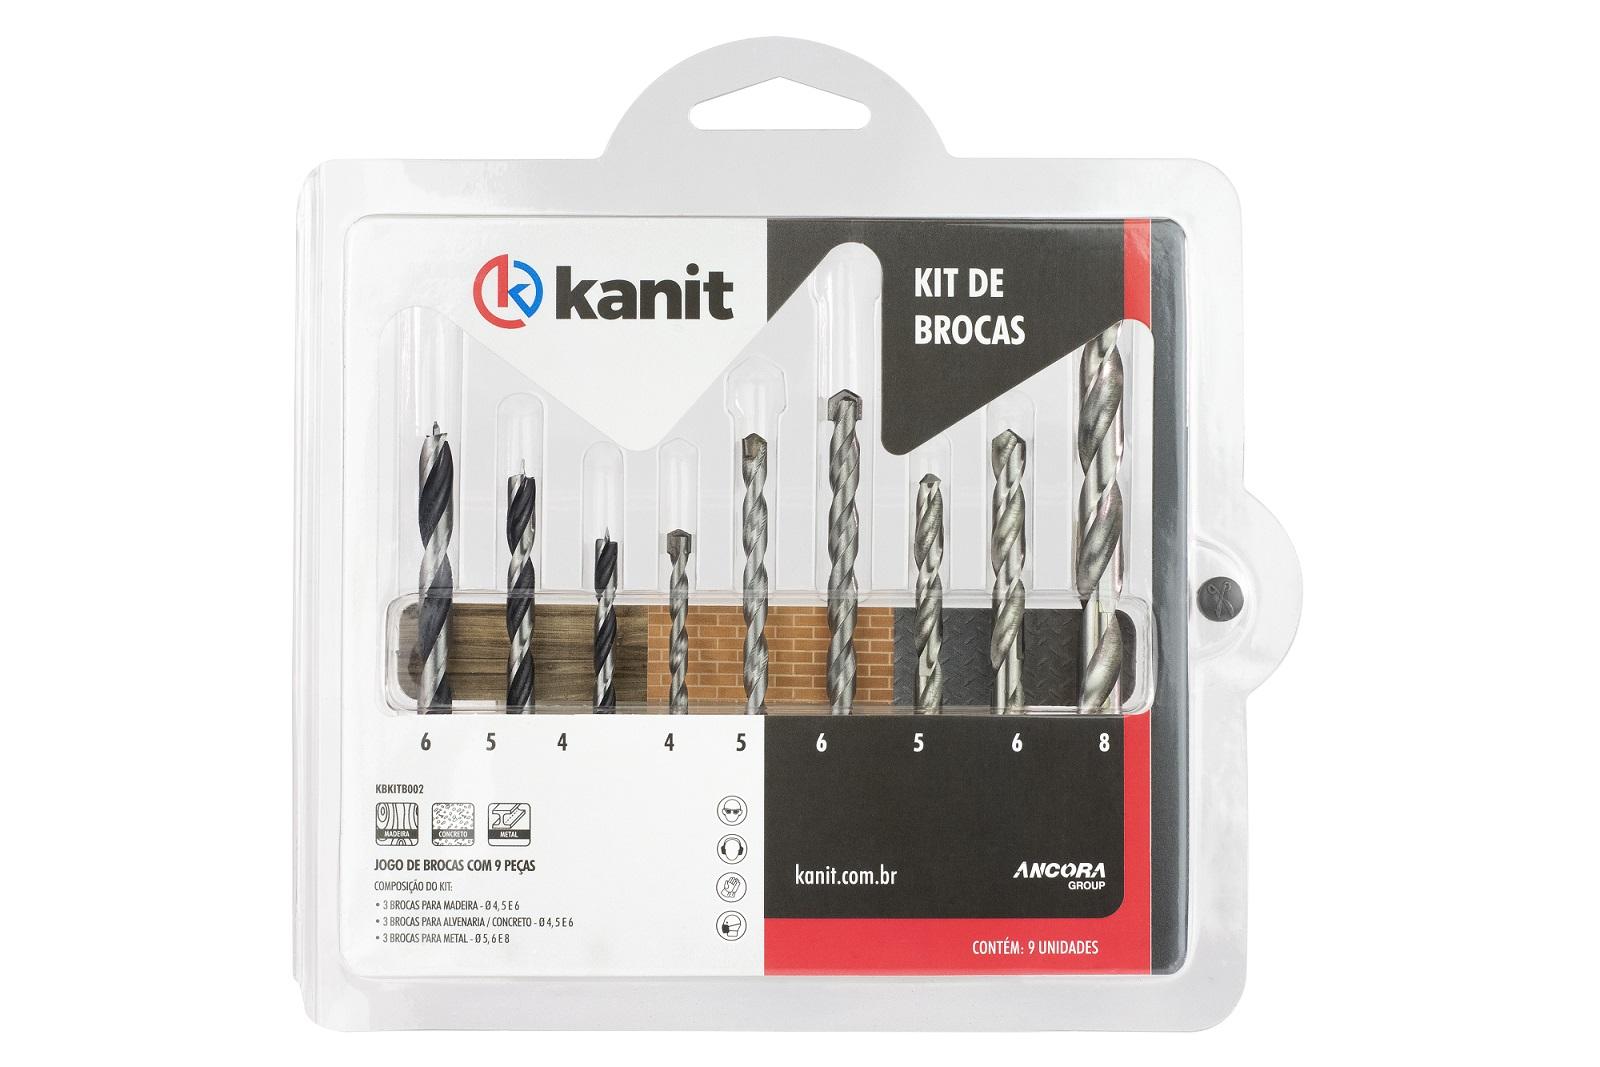 Kit de 9x Brocas para Alvenaria / Concreto / Madeira / Metal - Kanit